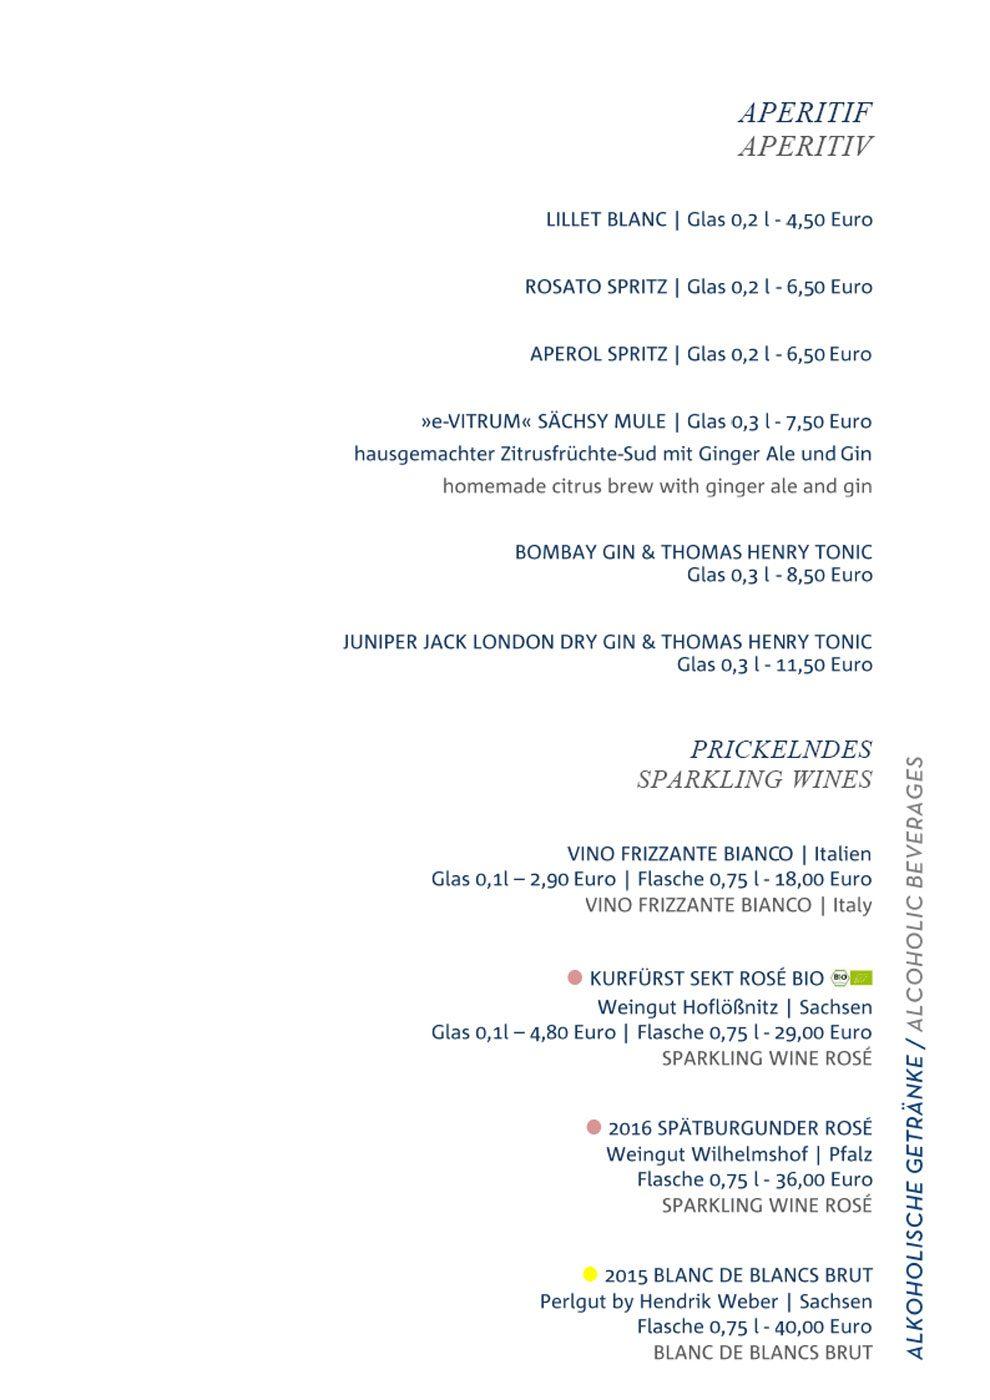 https://www.vitrum-dresden.de/wp-content/uploads/2019/06/e-VITRUM_Speisekarte_Sommer10-990x1400.jpg